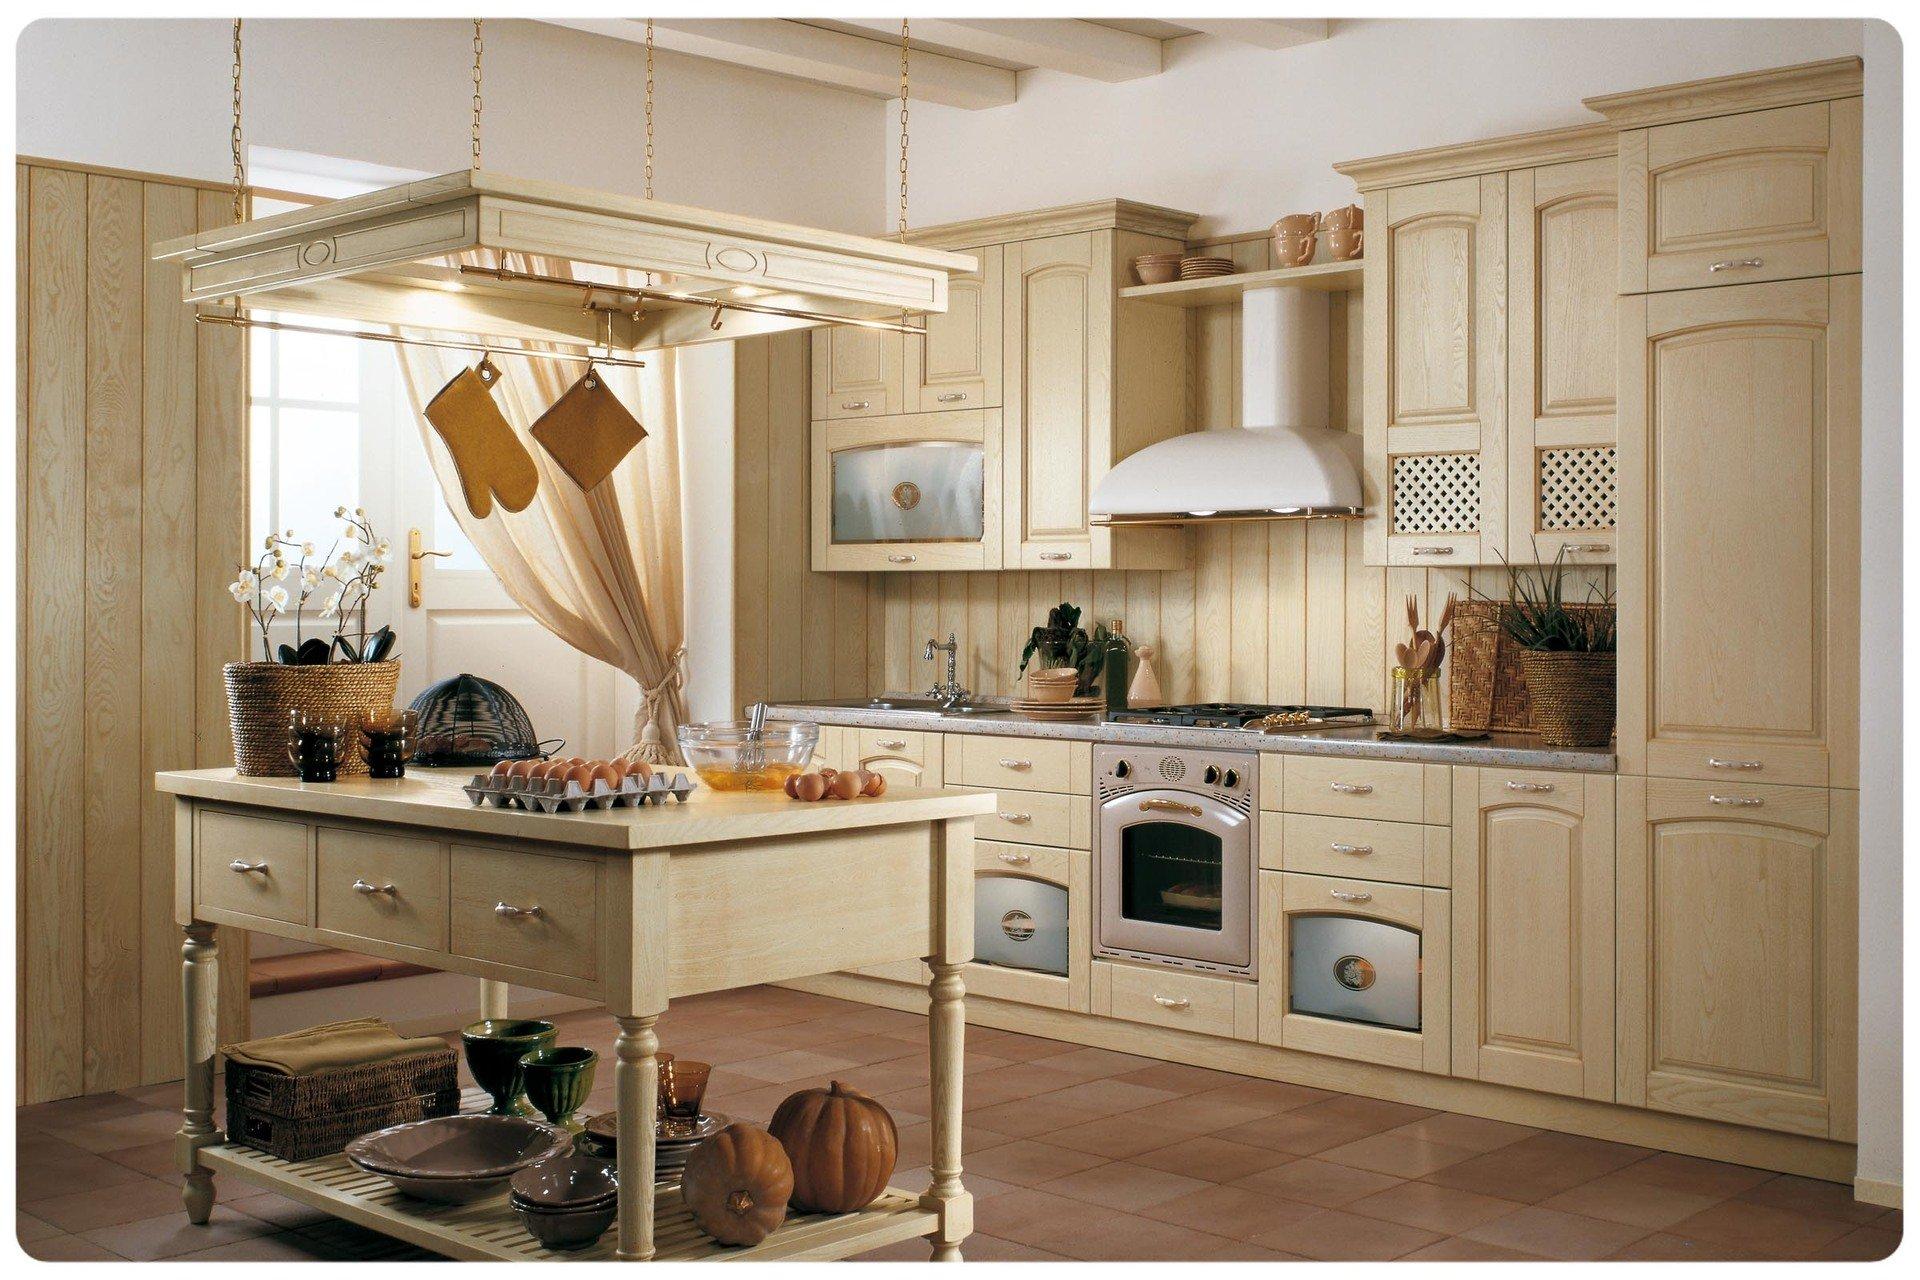 Cucina classica tutta in legno